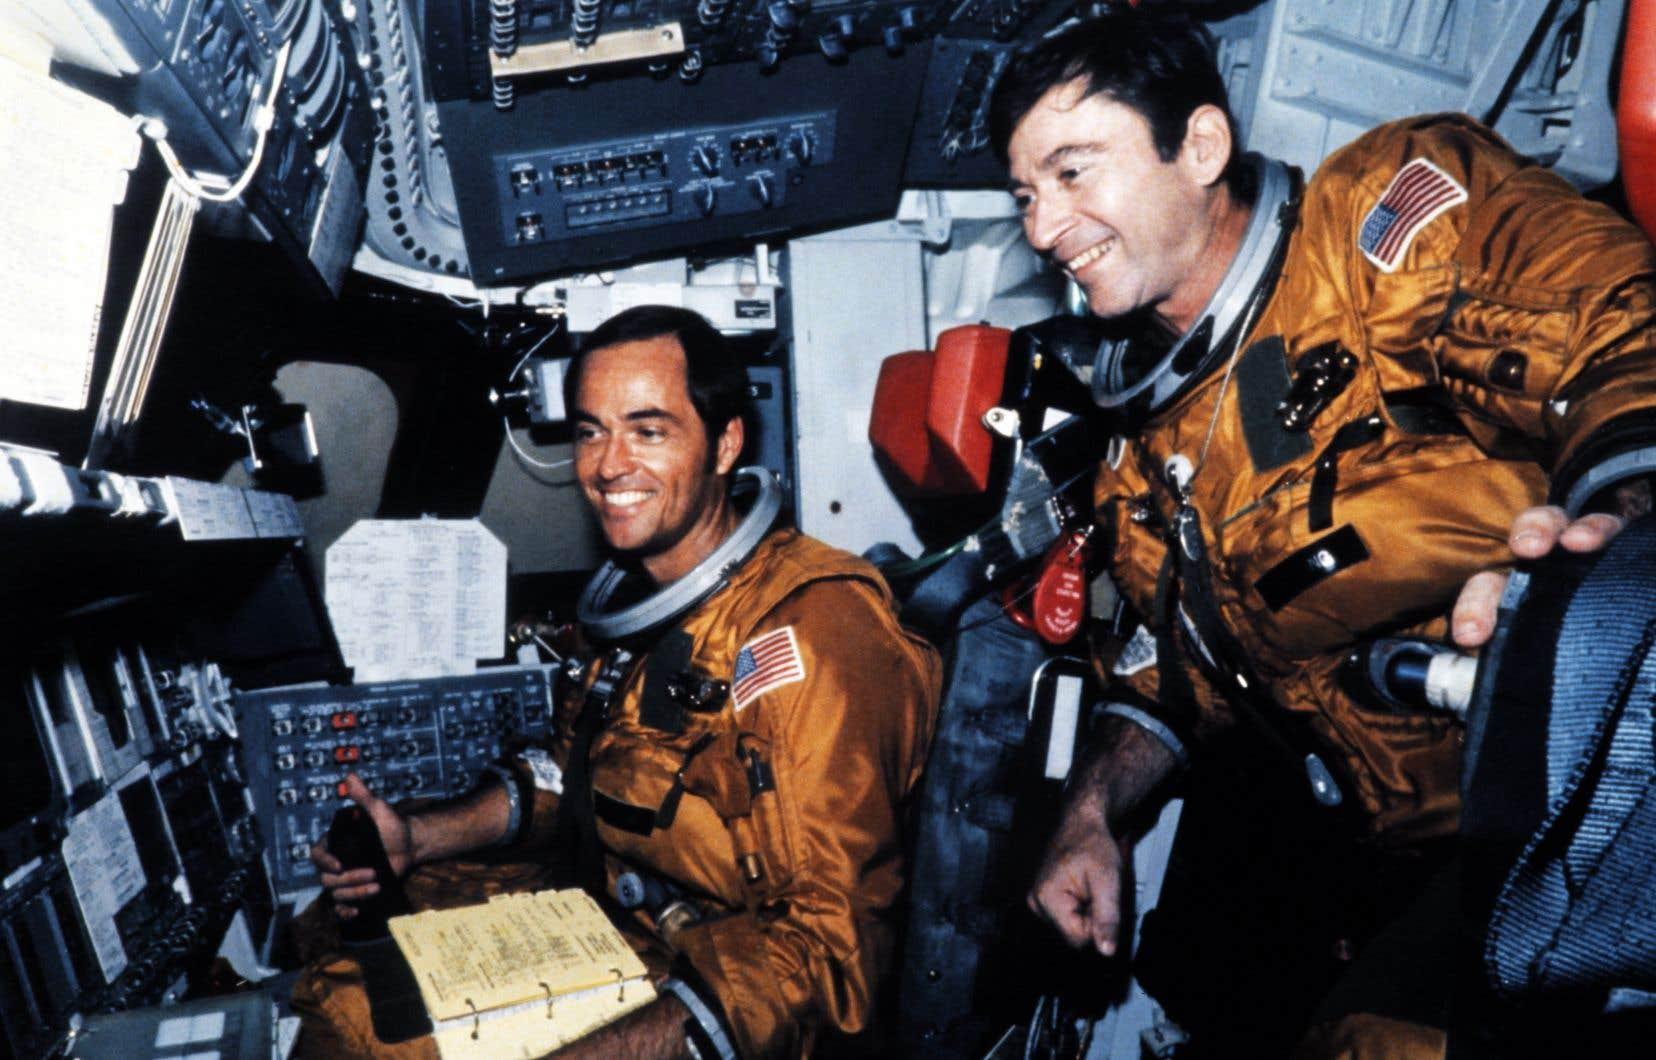 Les astronautes américains Robert Crippen (à gauche) et John Young (à droite) sur cette photo prise le 11 avril 1981.